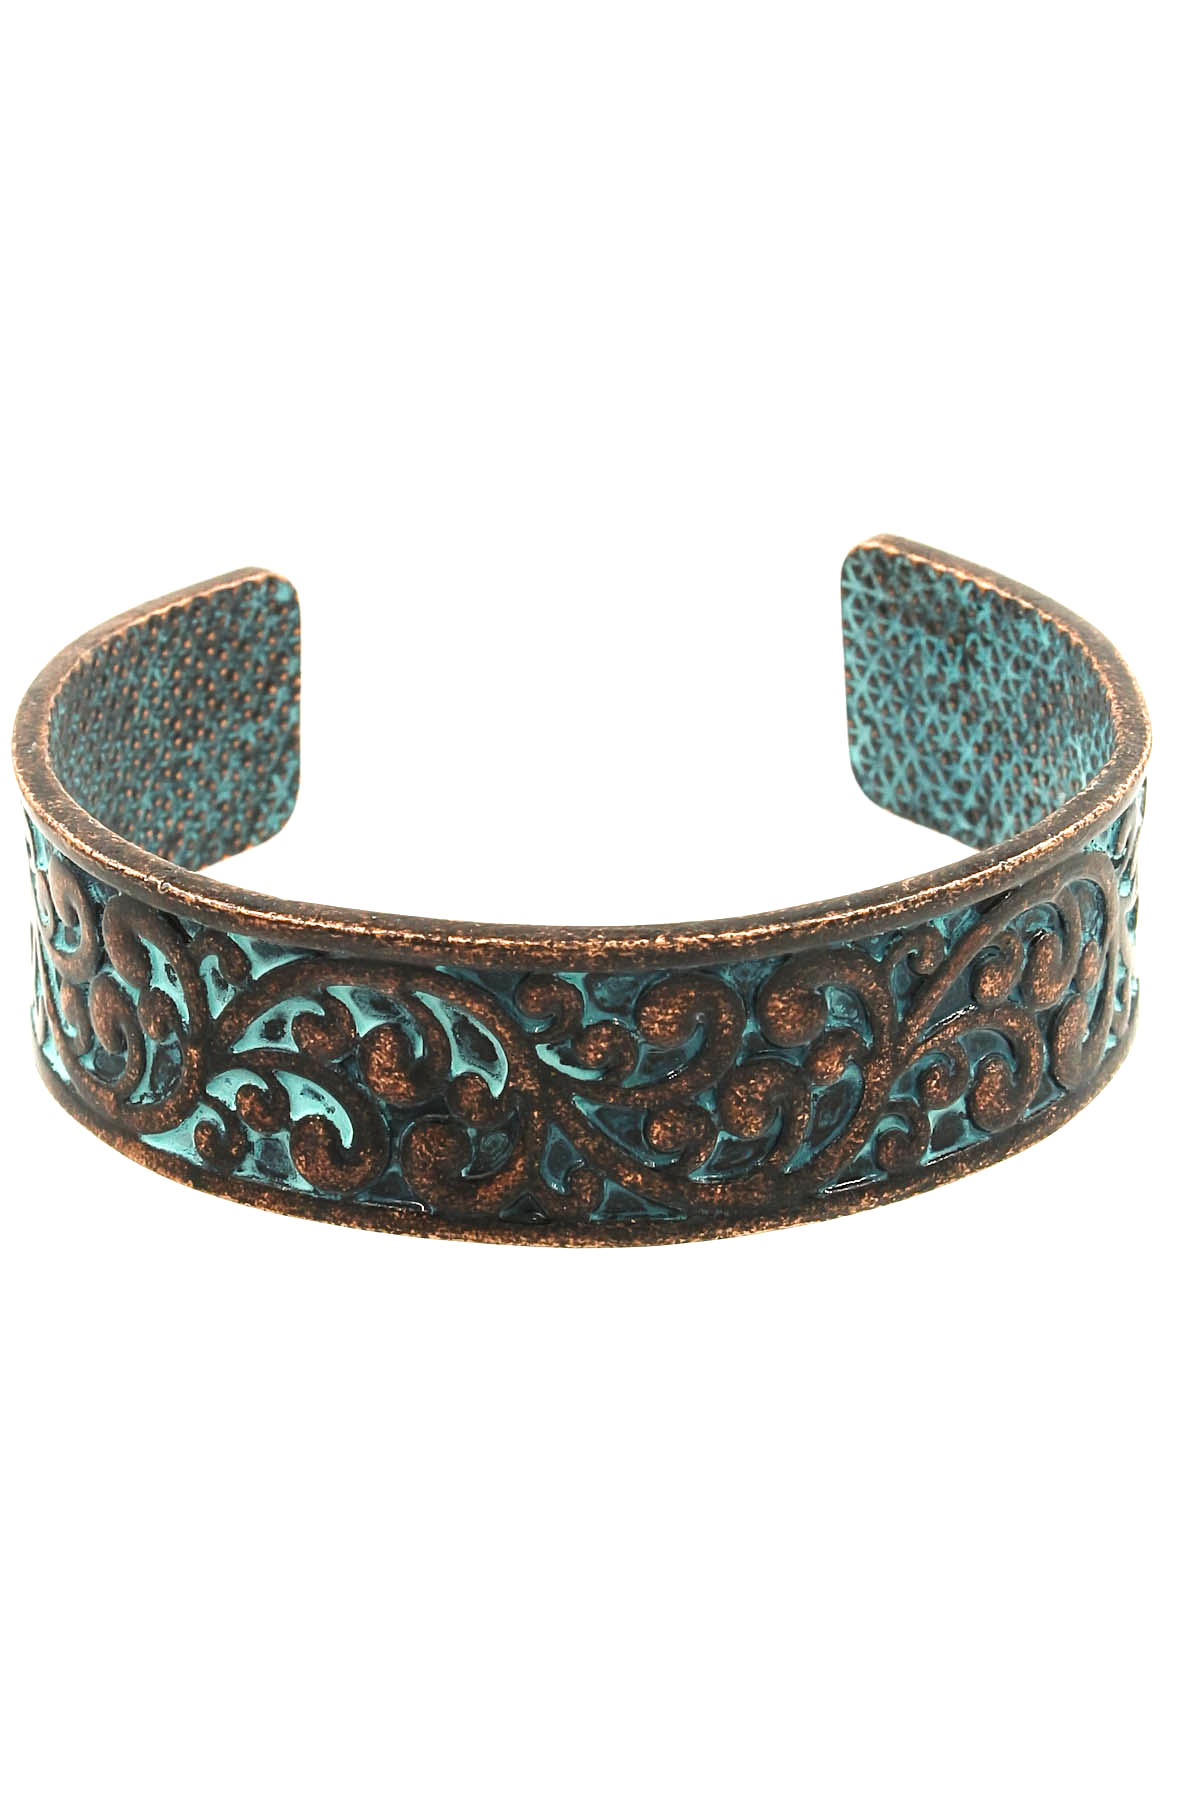 Metal Filigree Cuff Bracelet Bracelets